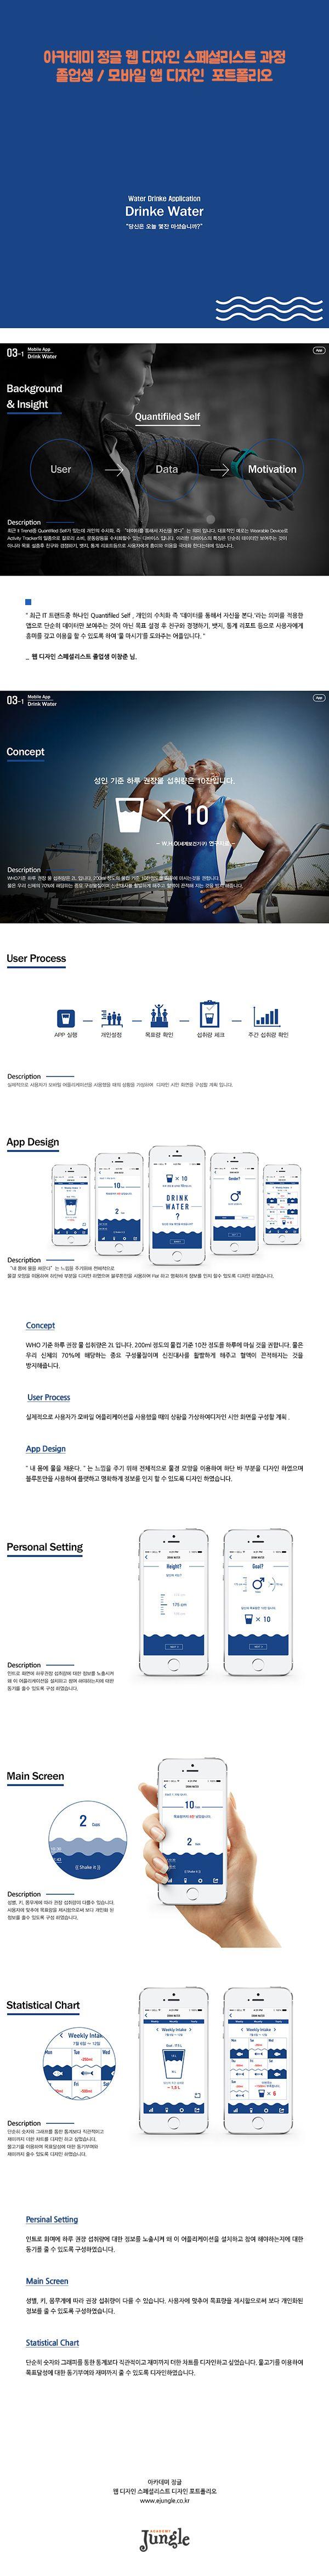 [아카데미정글] 앱 기획/디자인 포트폴리오 : Drink Water on Behance